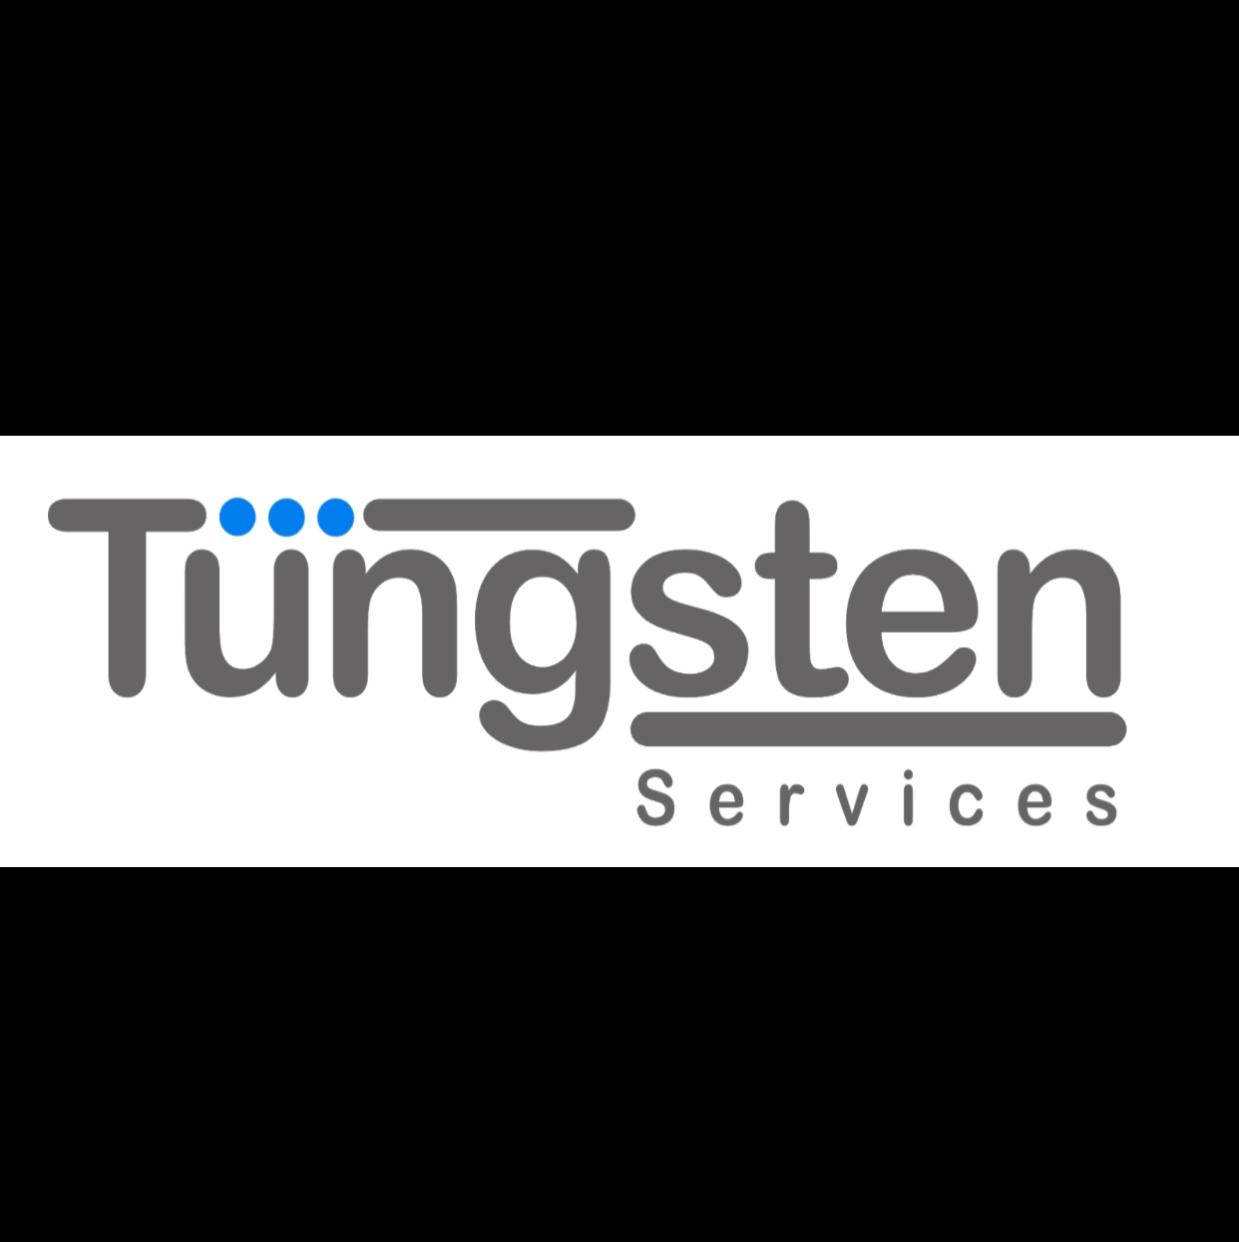 Tungsten Services